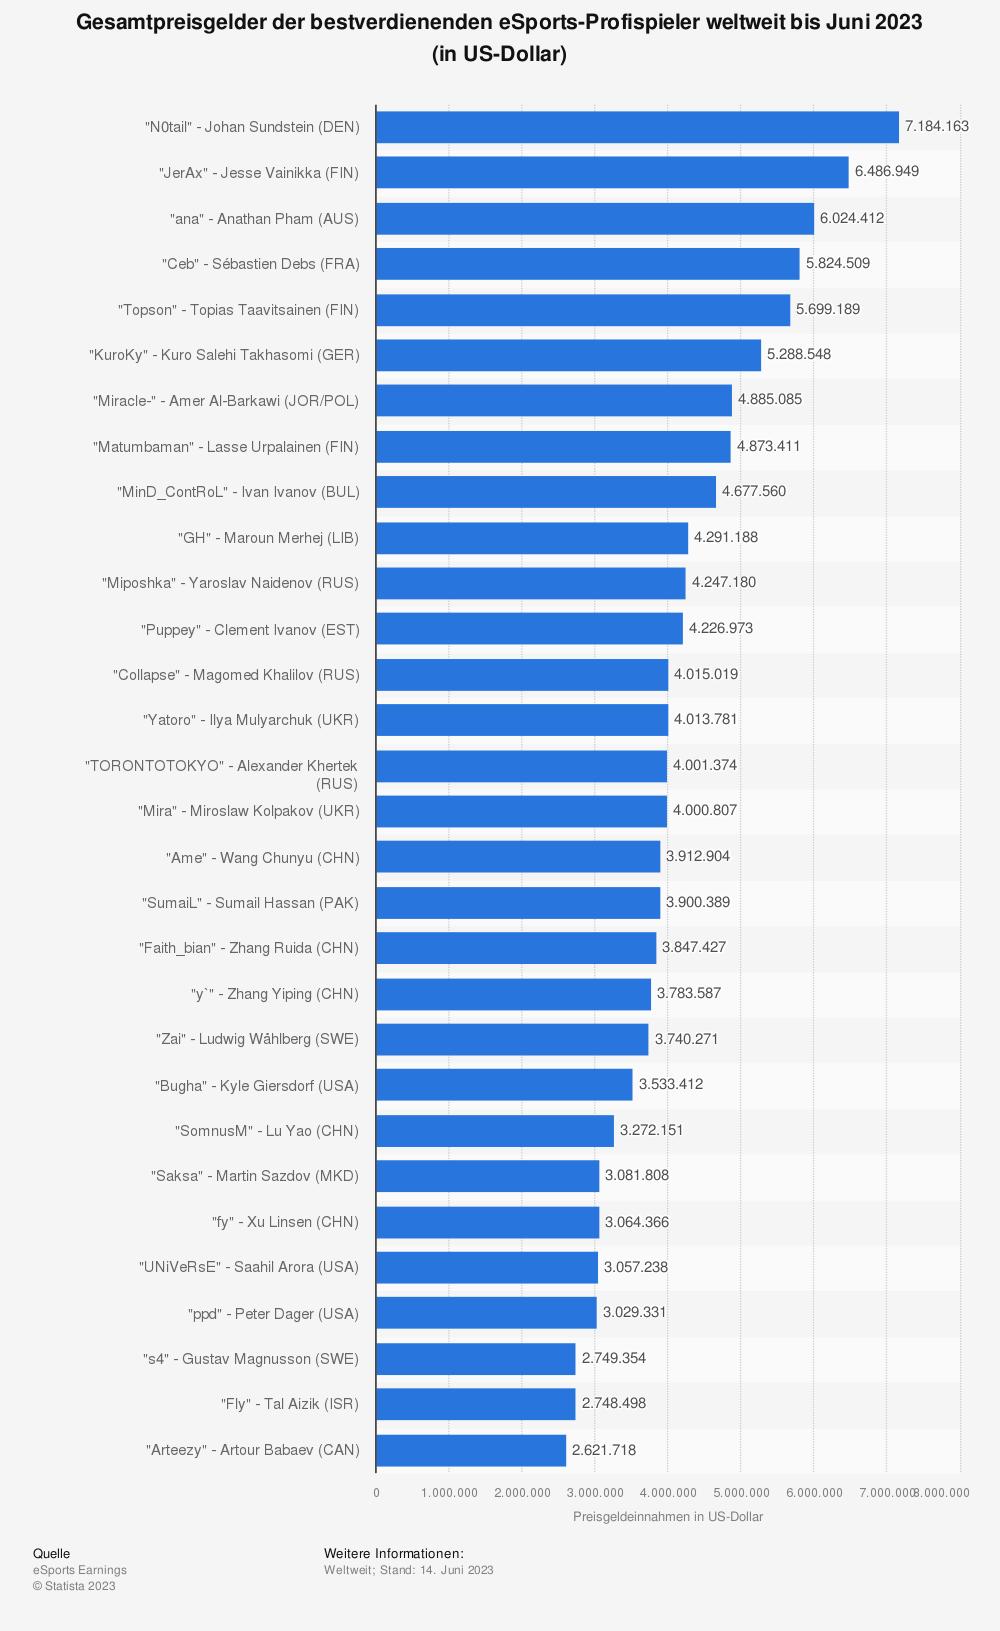 Statistik: Gesamtpreisgelder der bestverdienenden eSports-Profispieler weltweit bis April 2021 (in US-Dollar) | Statista